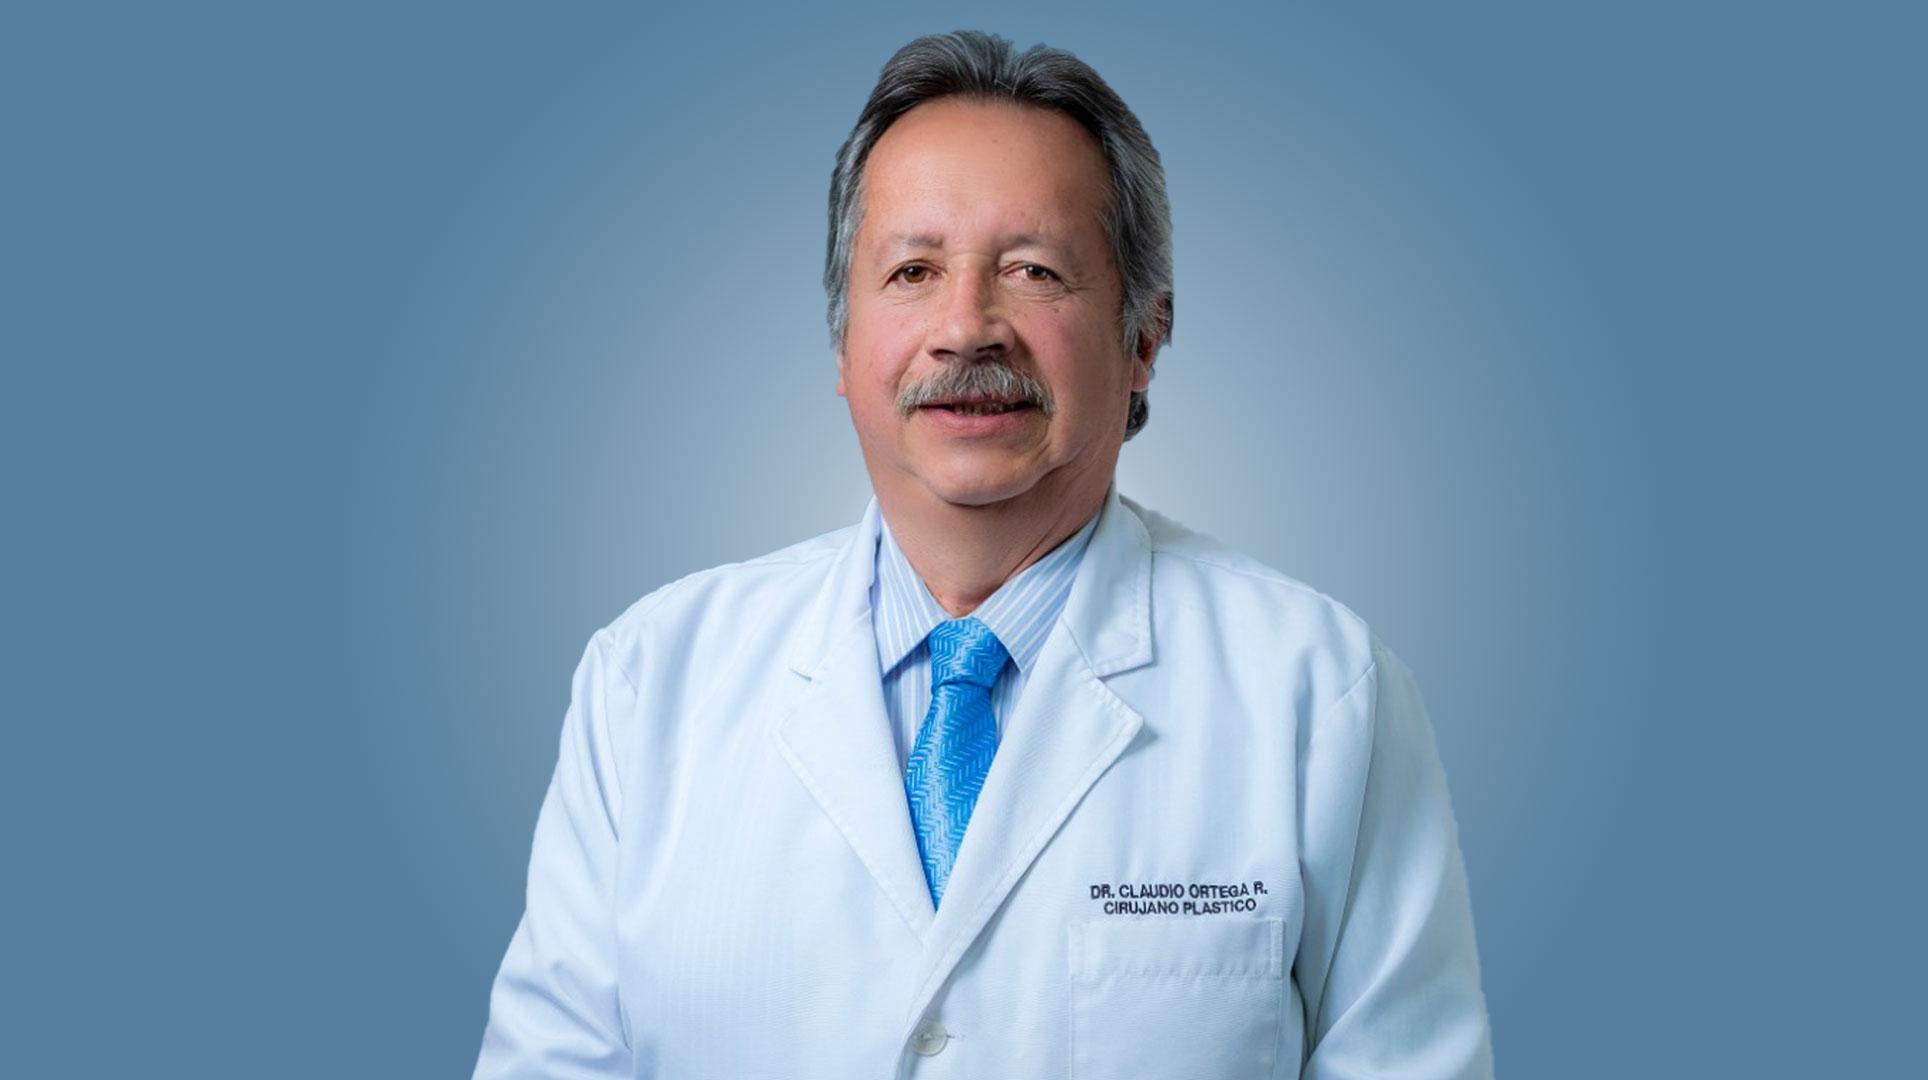 dr. Claudio Ortega